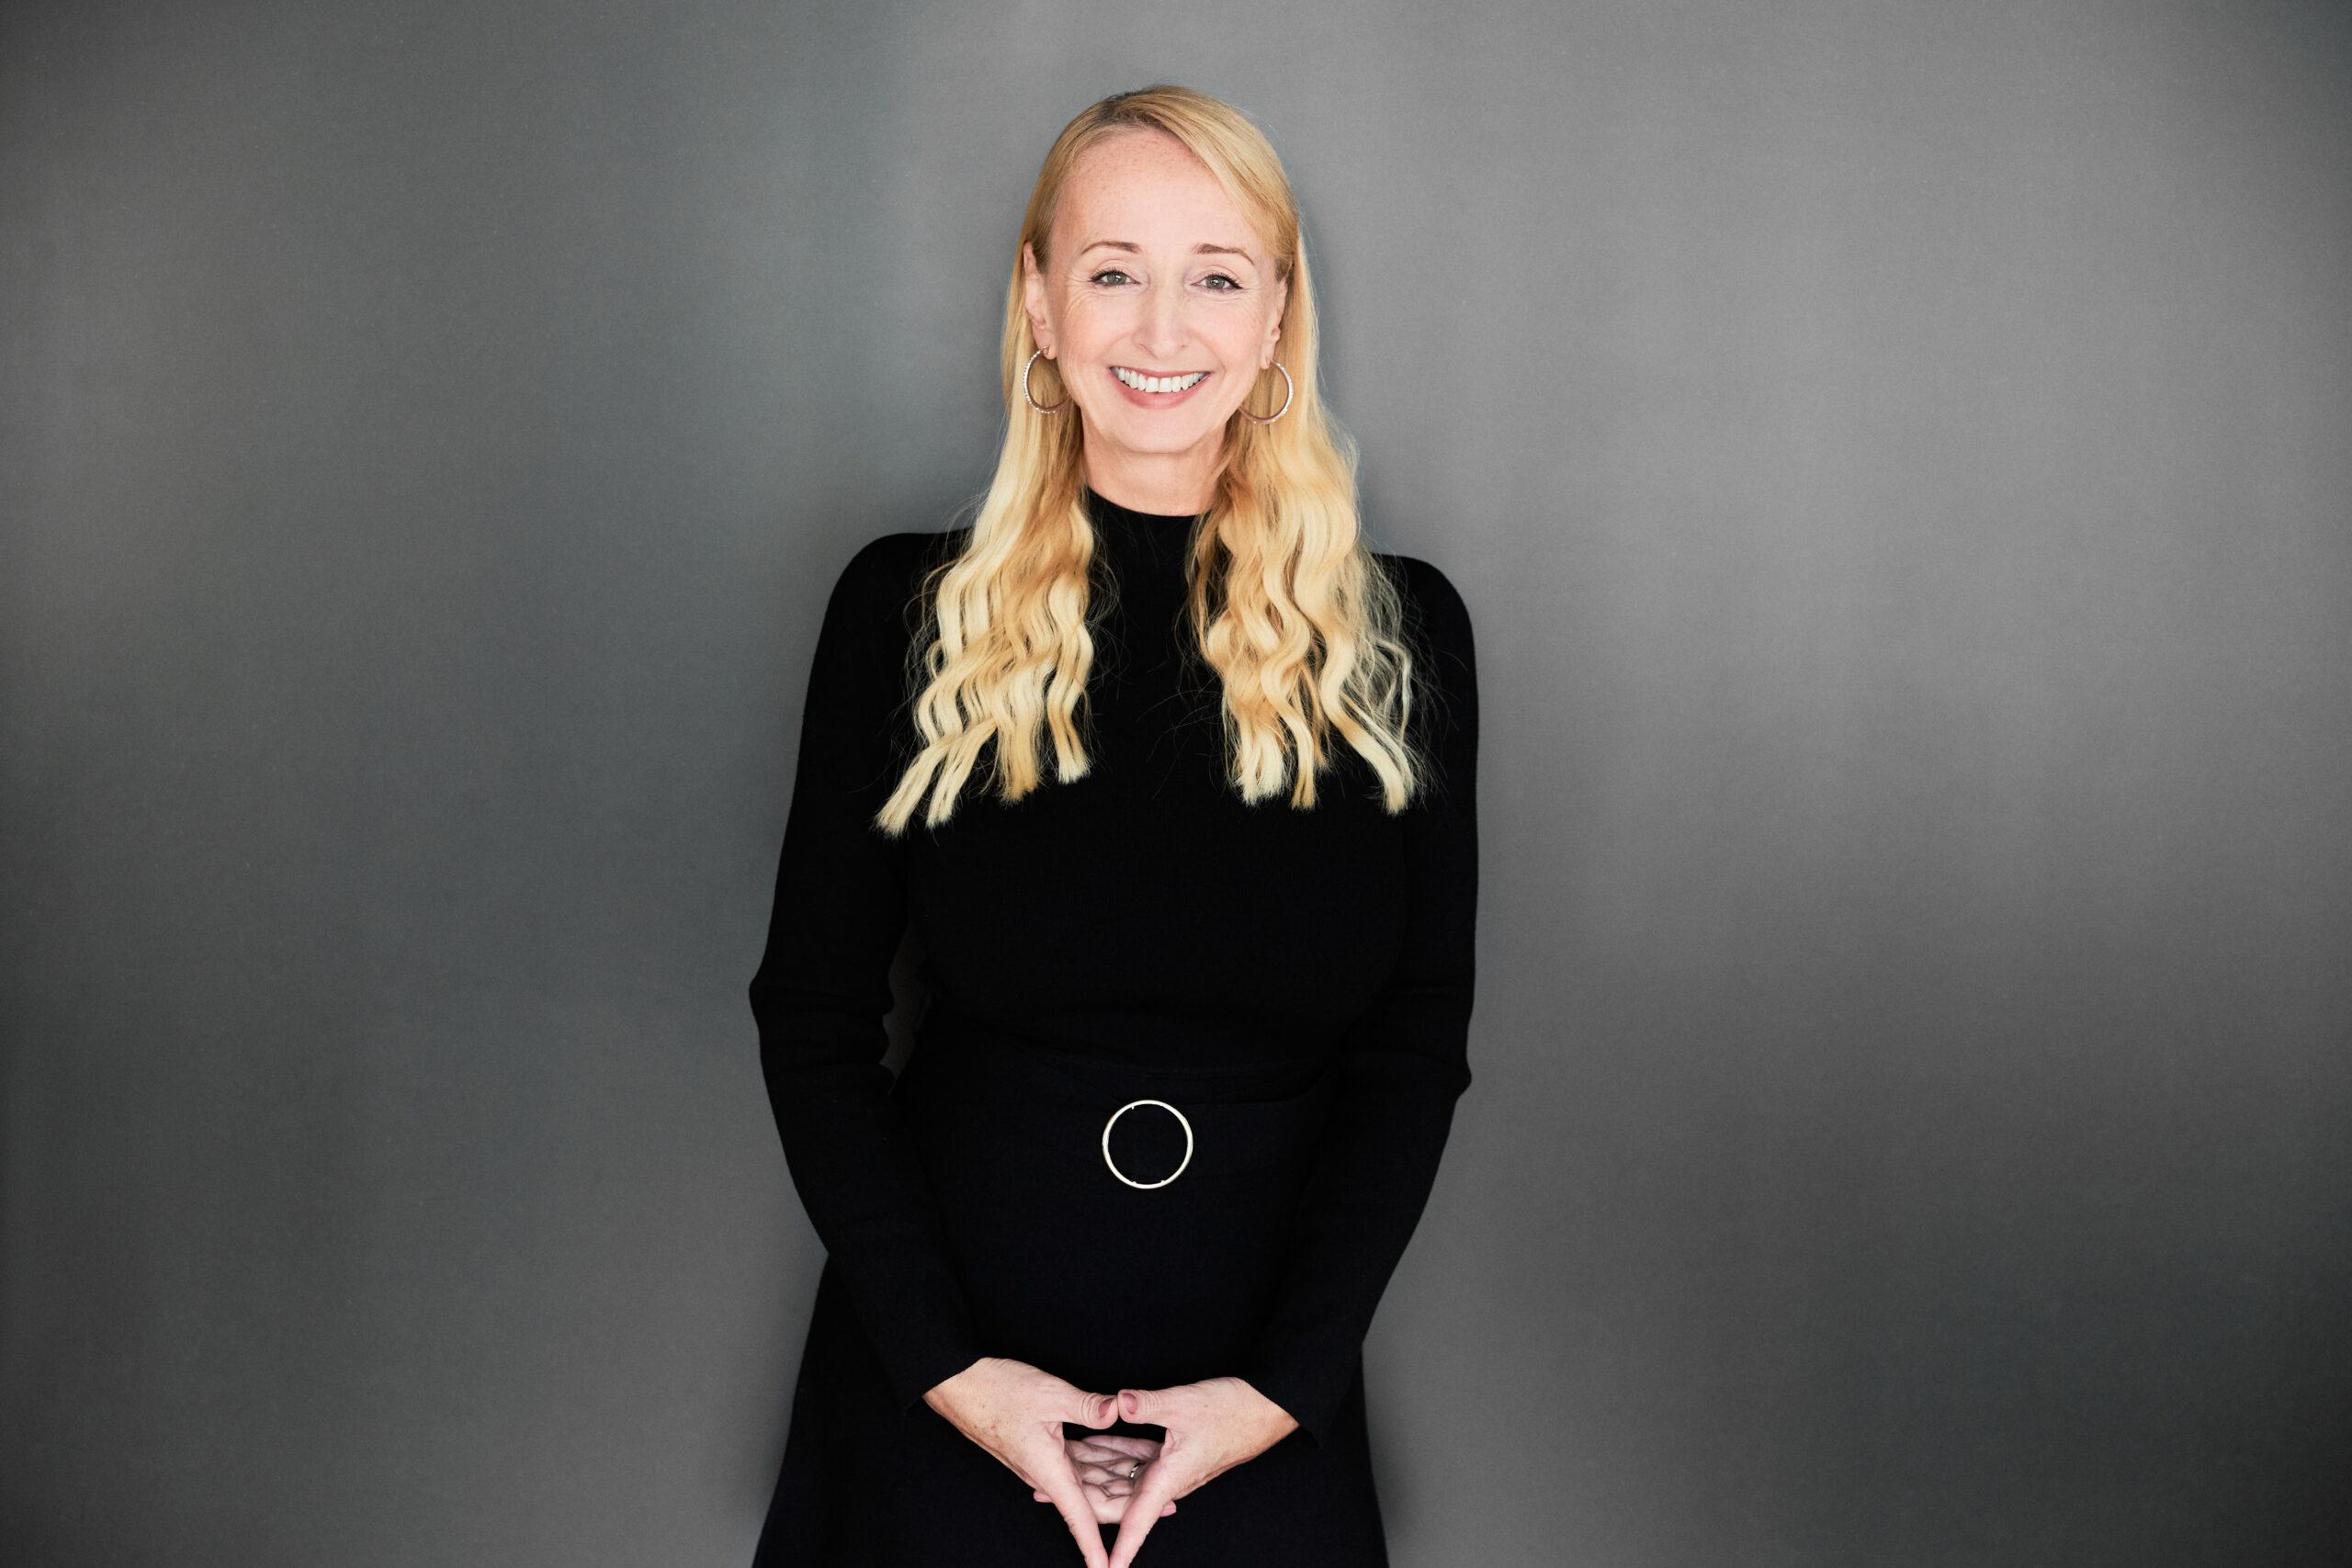 Eva Engel, agenturengel